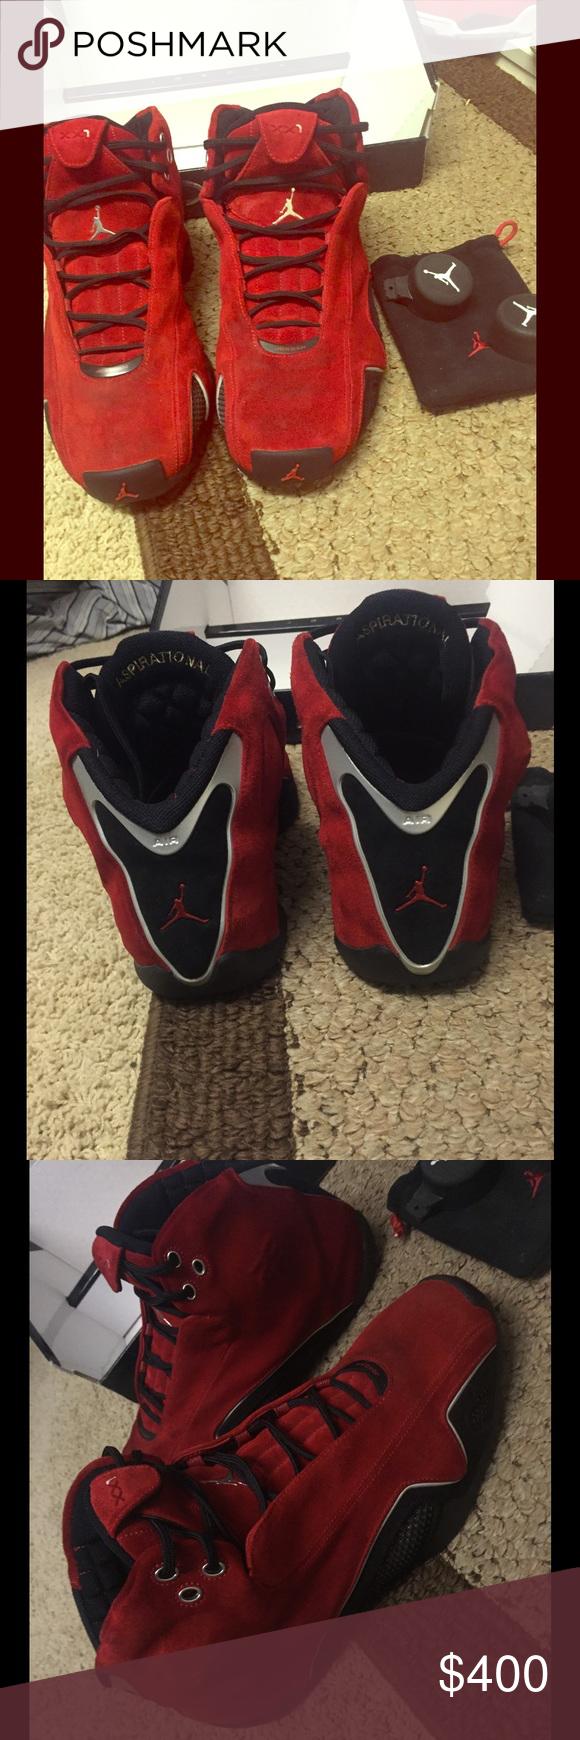 Men's Jordan 21s Red Suede Size 11